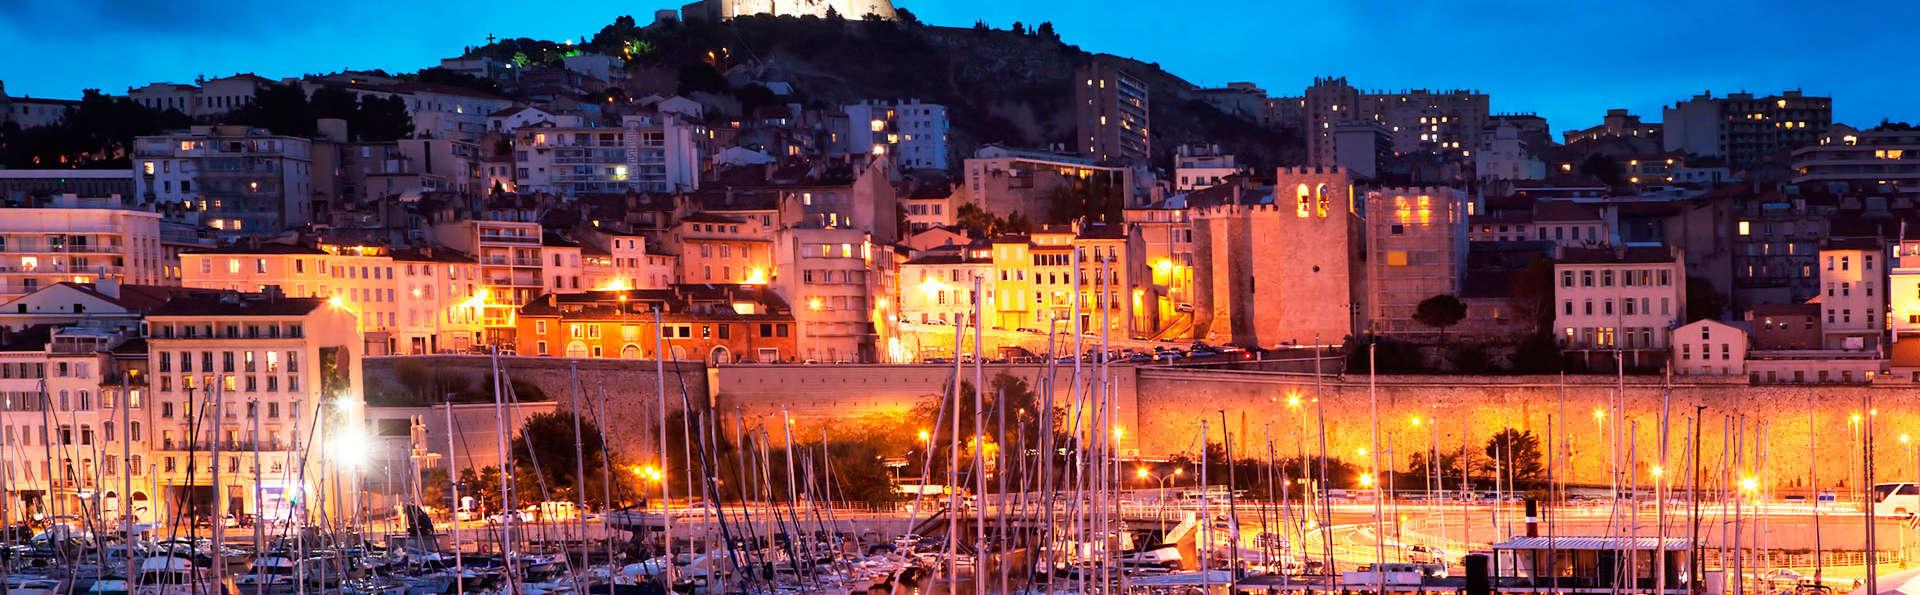 Best Western Hotel Marseille Bourse Vieux Port by HappyCulture - EDIT_marseille.jpg